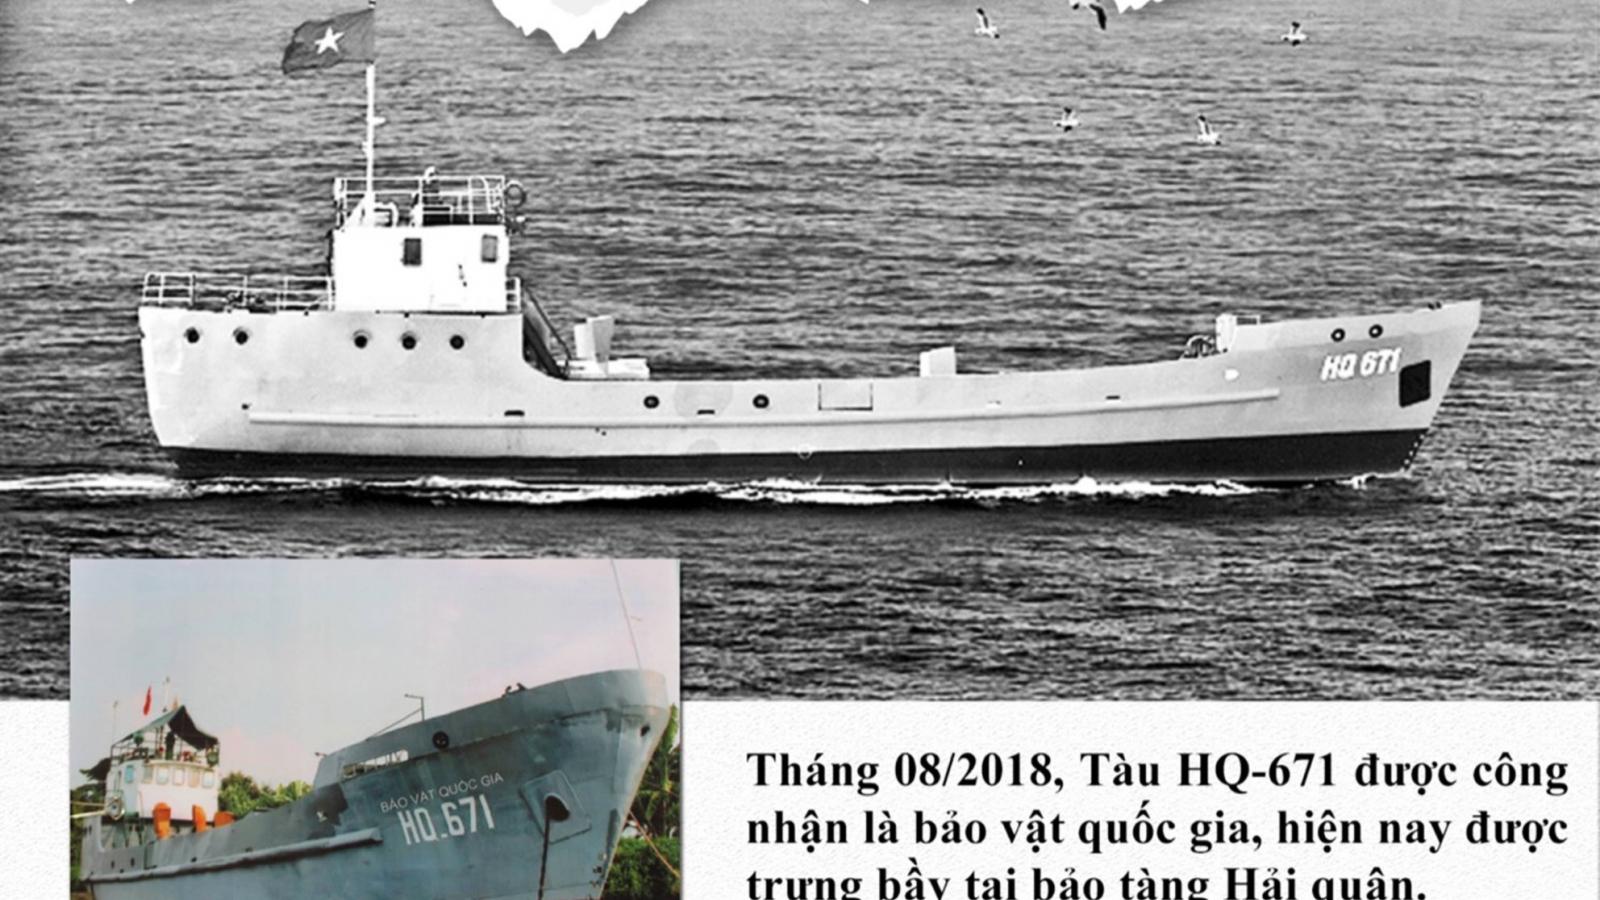 Đường Hồ Chí Minh trên biển không chỉ là huyền thoại